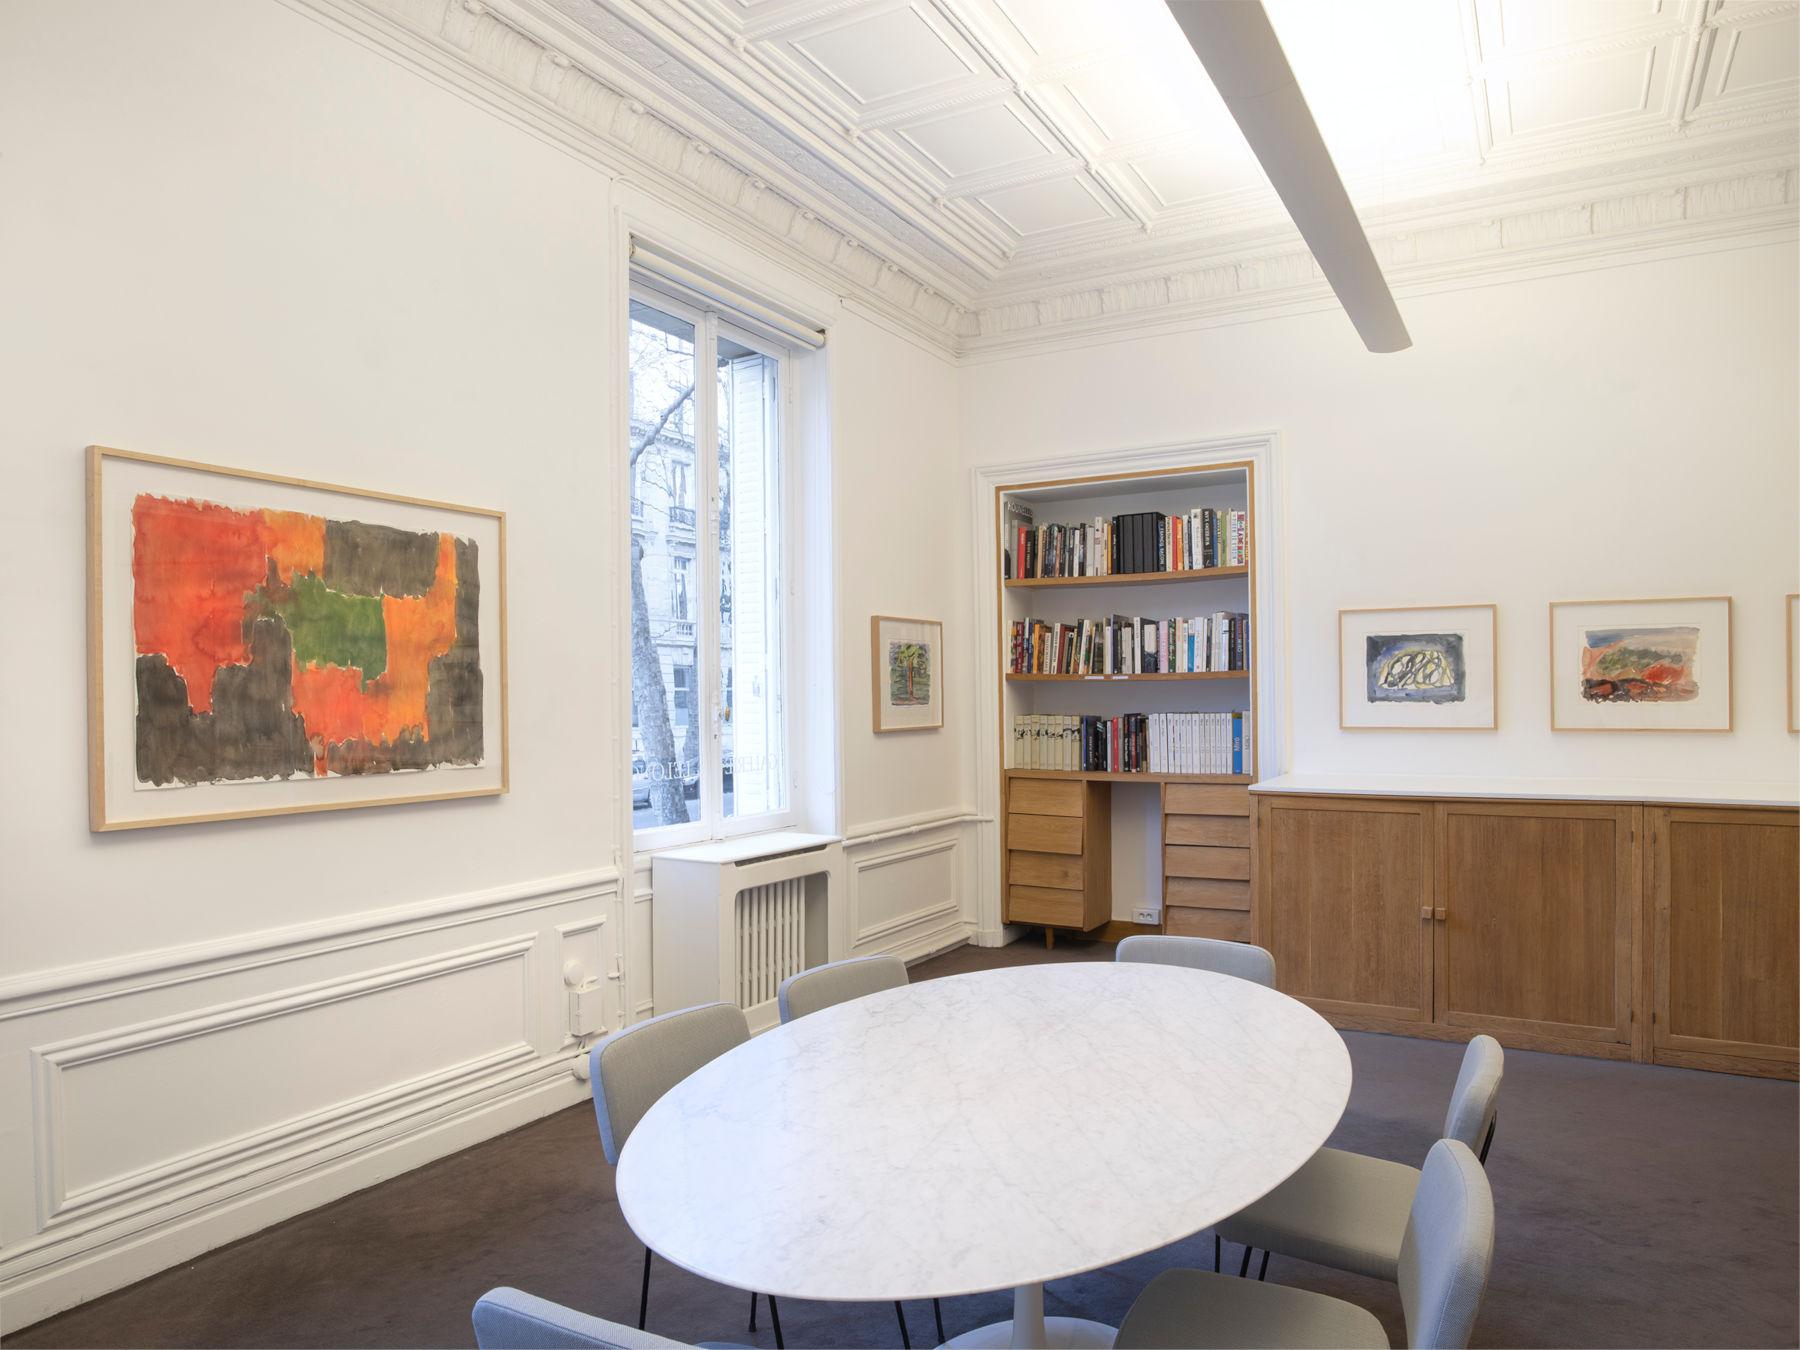 Galerie Lelong Gunther Forg 1